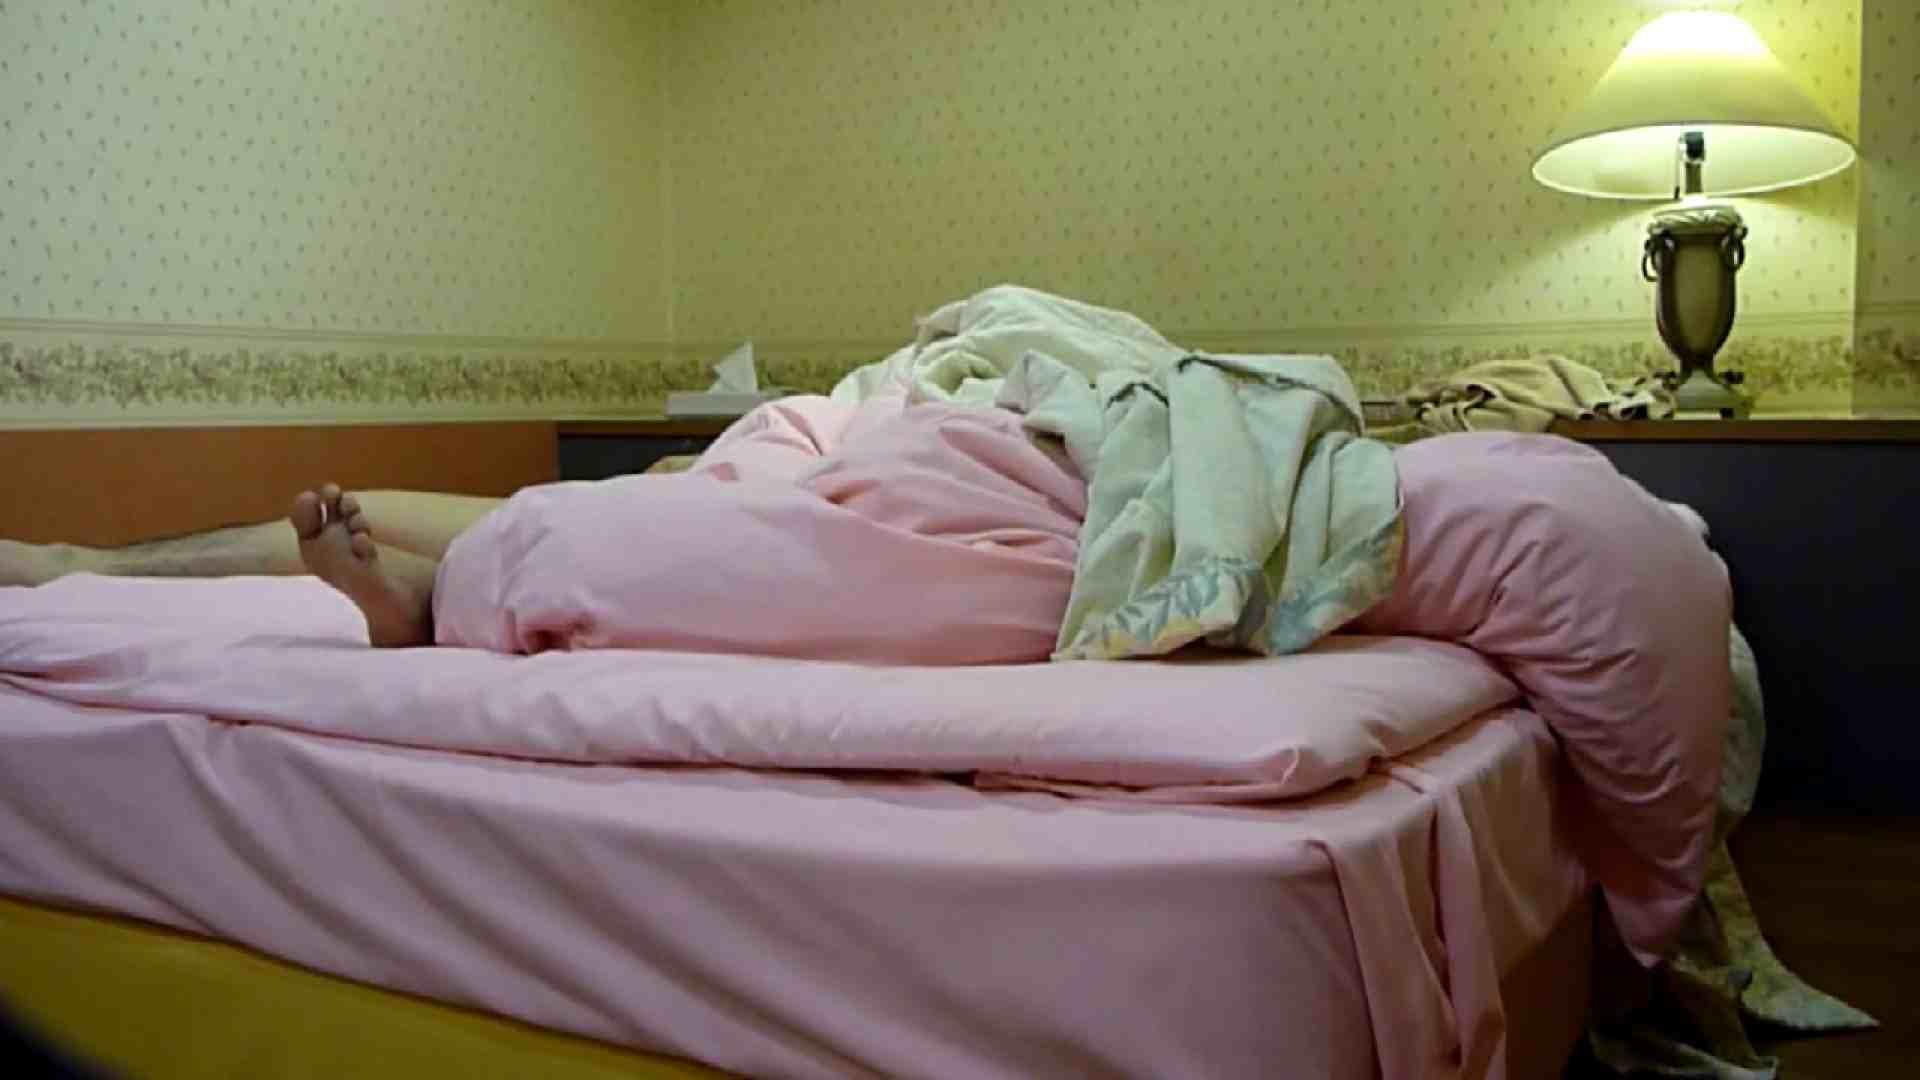 【完全素人投稿】誰にしようか!?やりチン健太の本日もデリ嬢いただきま~す!!06 投稿作品   素人  76連発 11